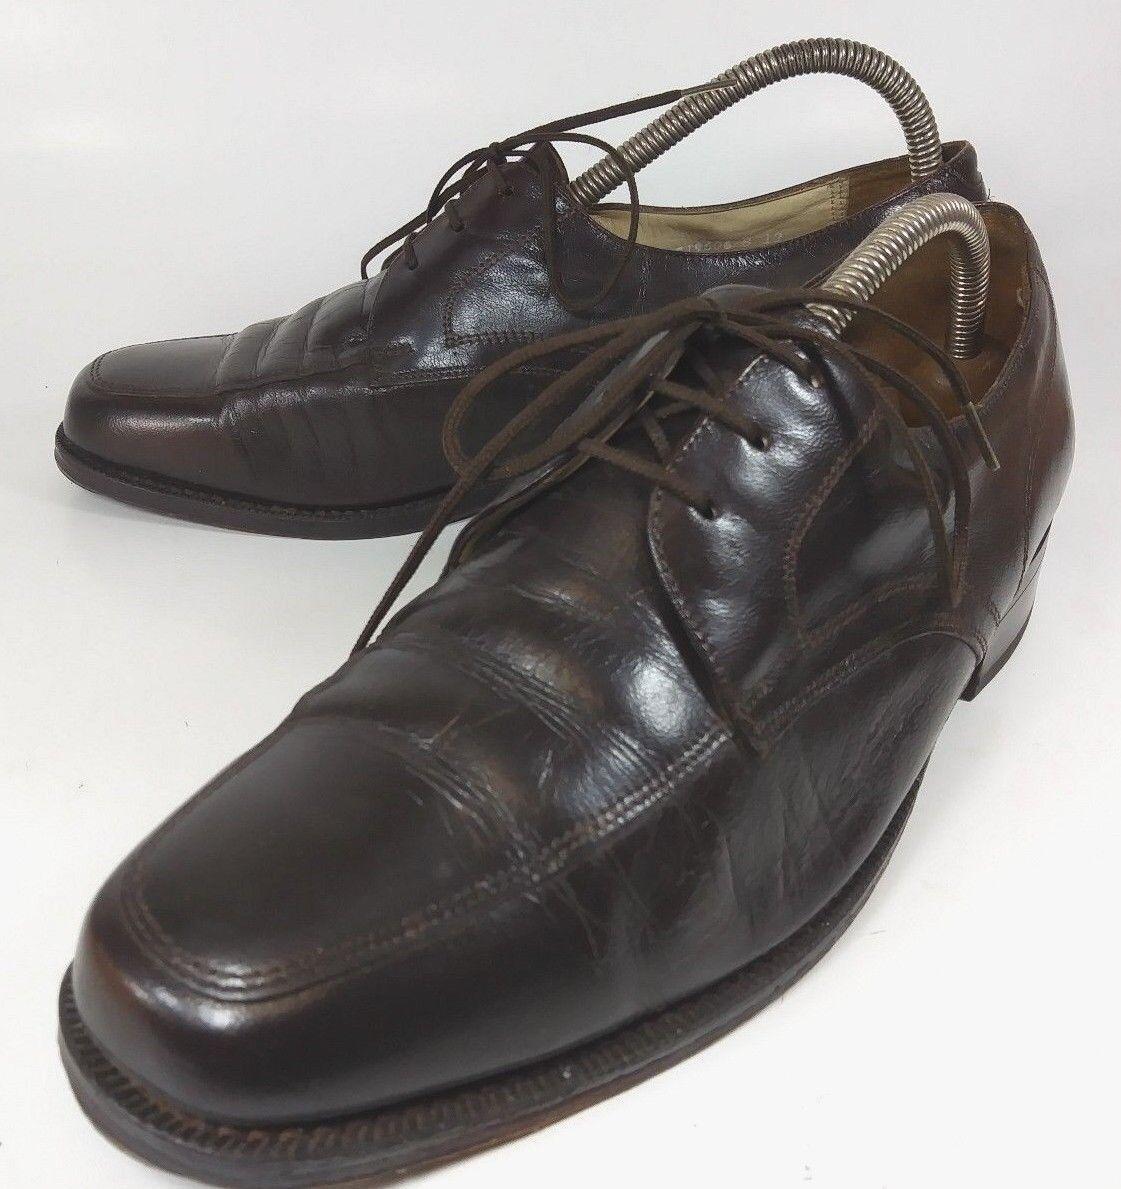 The Florsheim shoes Mens Oxfords US 8 E Brown Leather Lace Dress Moc Toe 5645